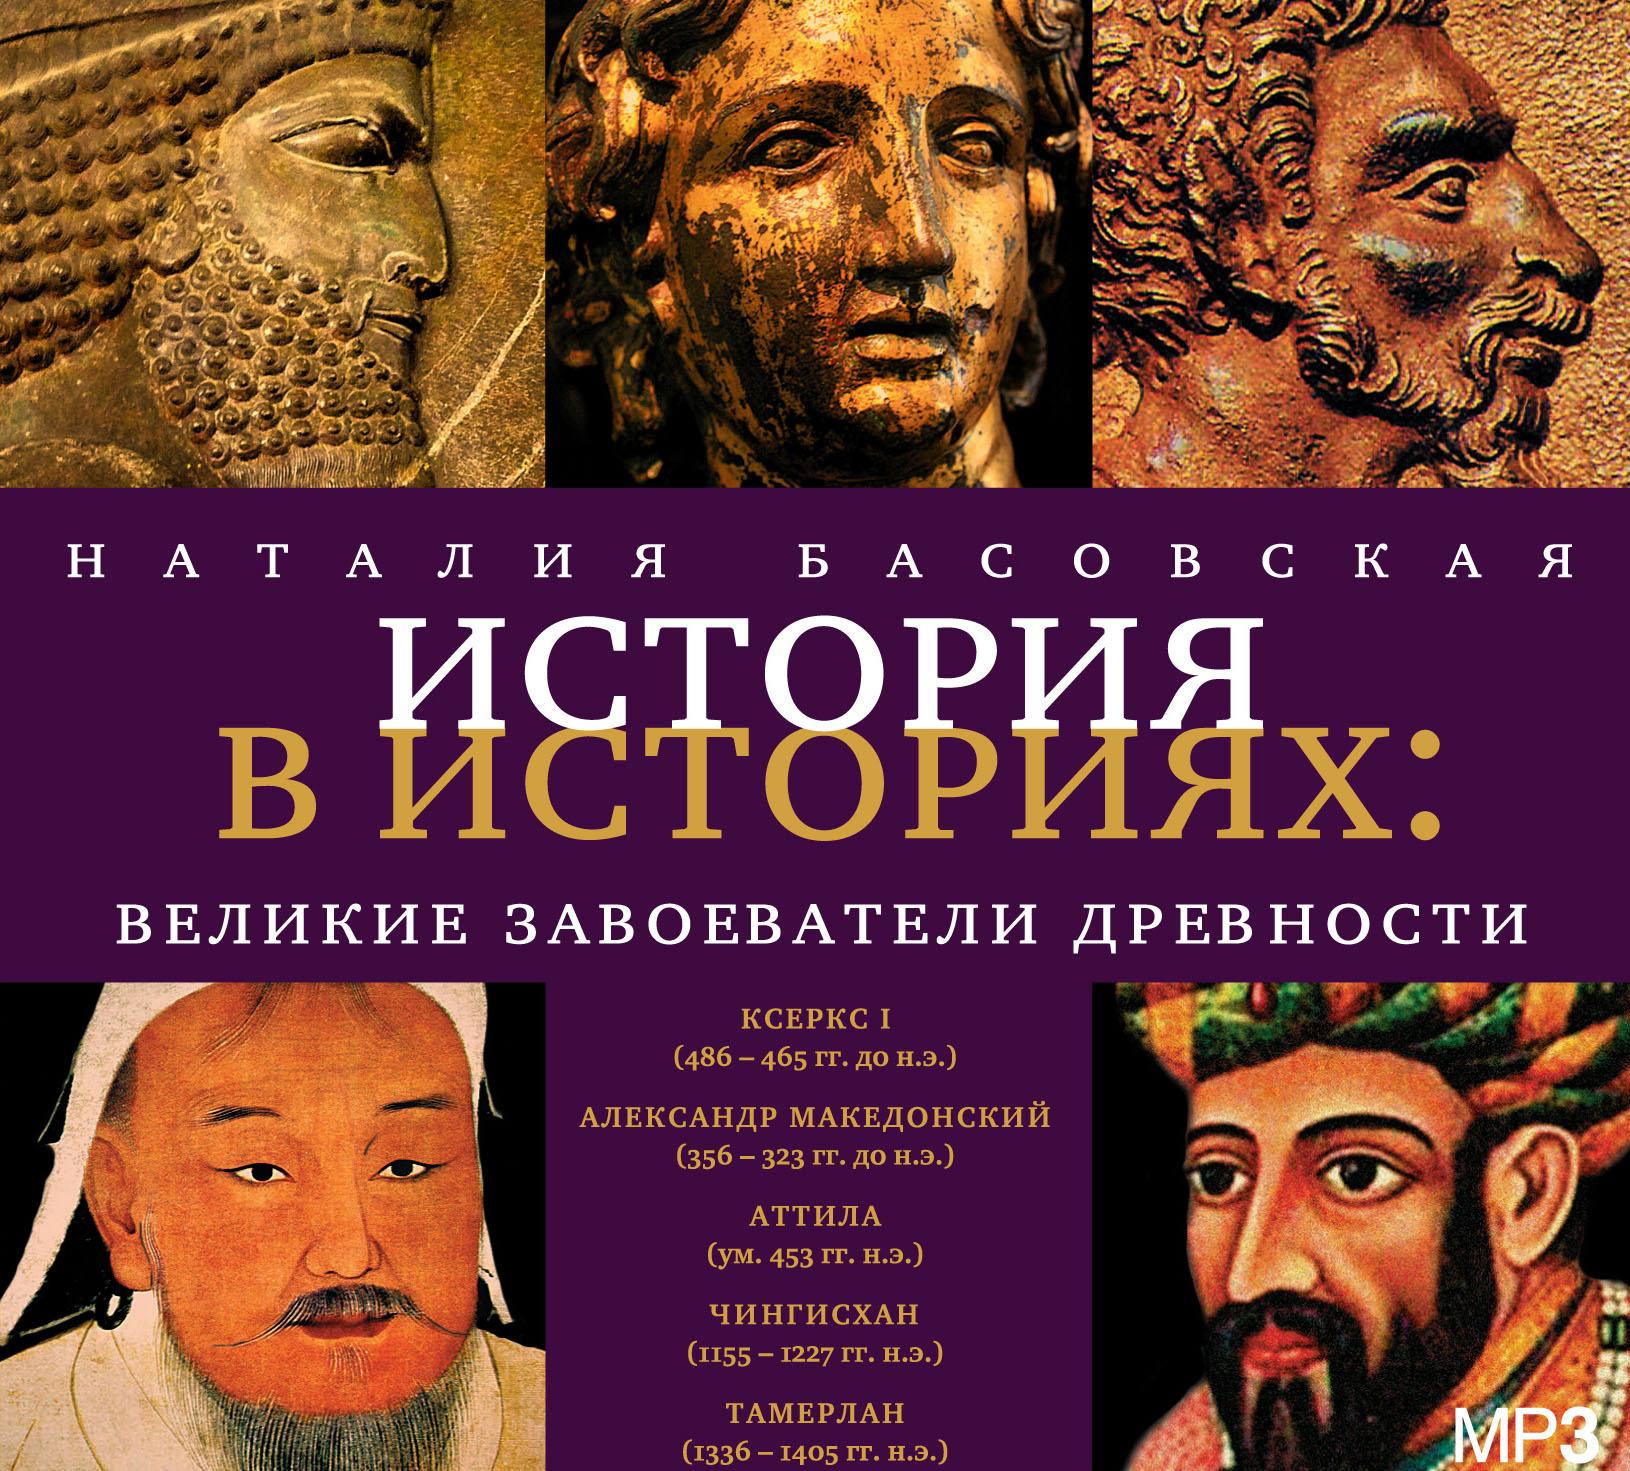 Наталия Басовская Великие завоеватели древности наталия басовская безумцы на королевских престолах